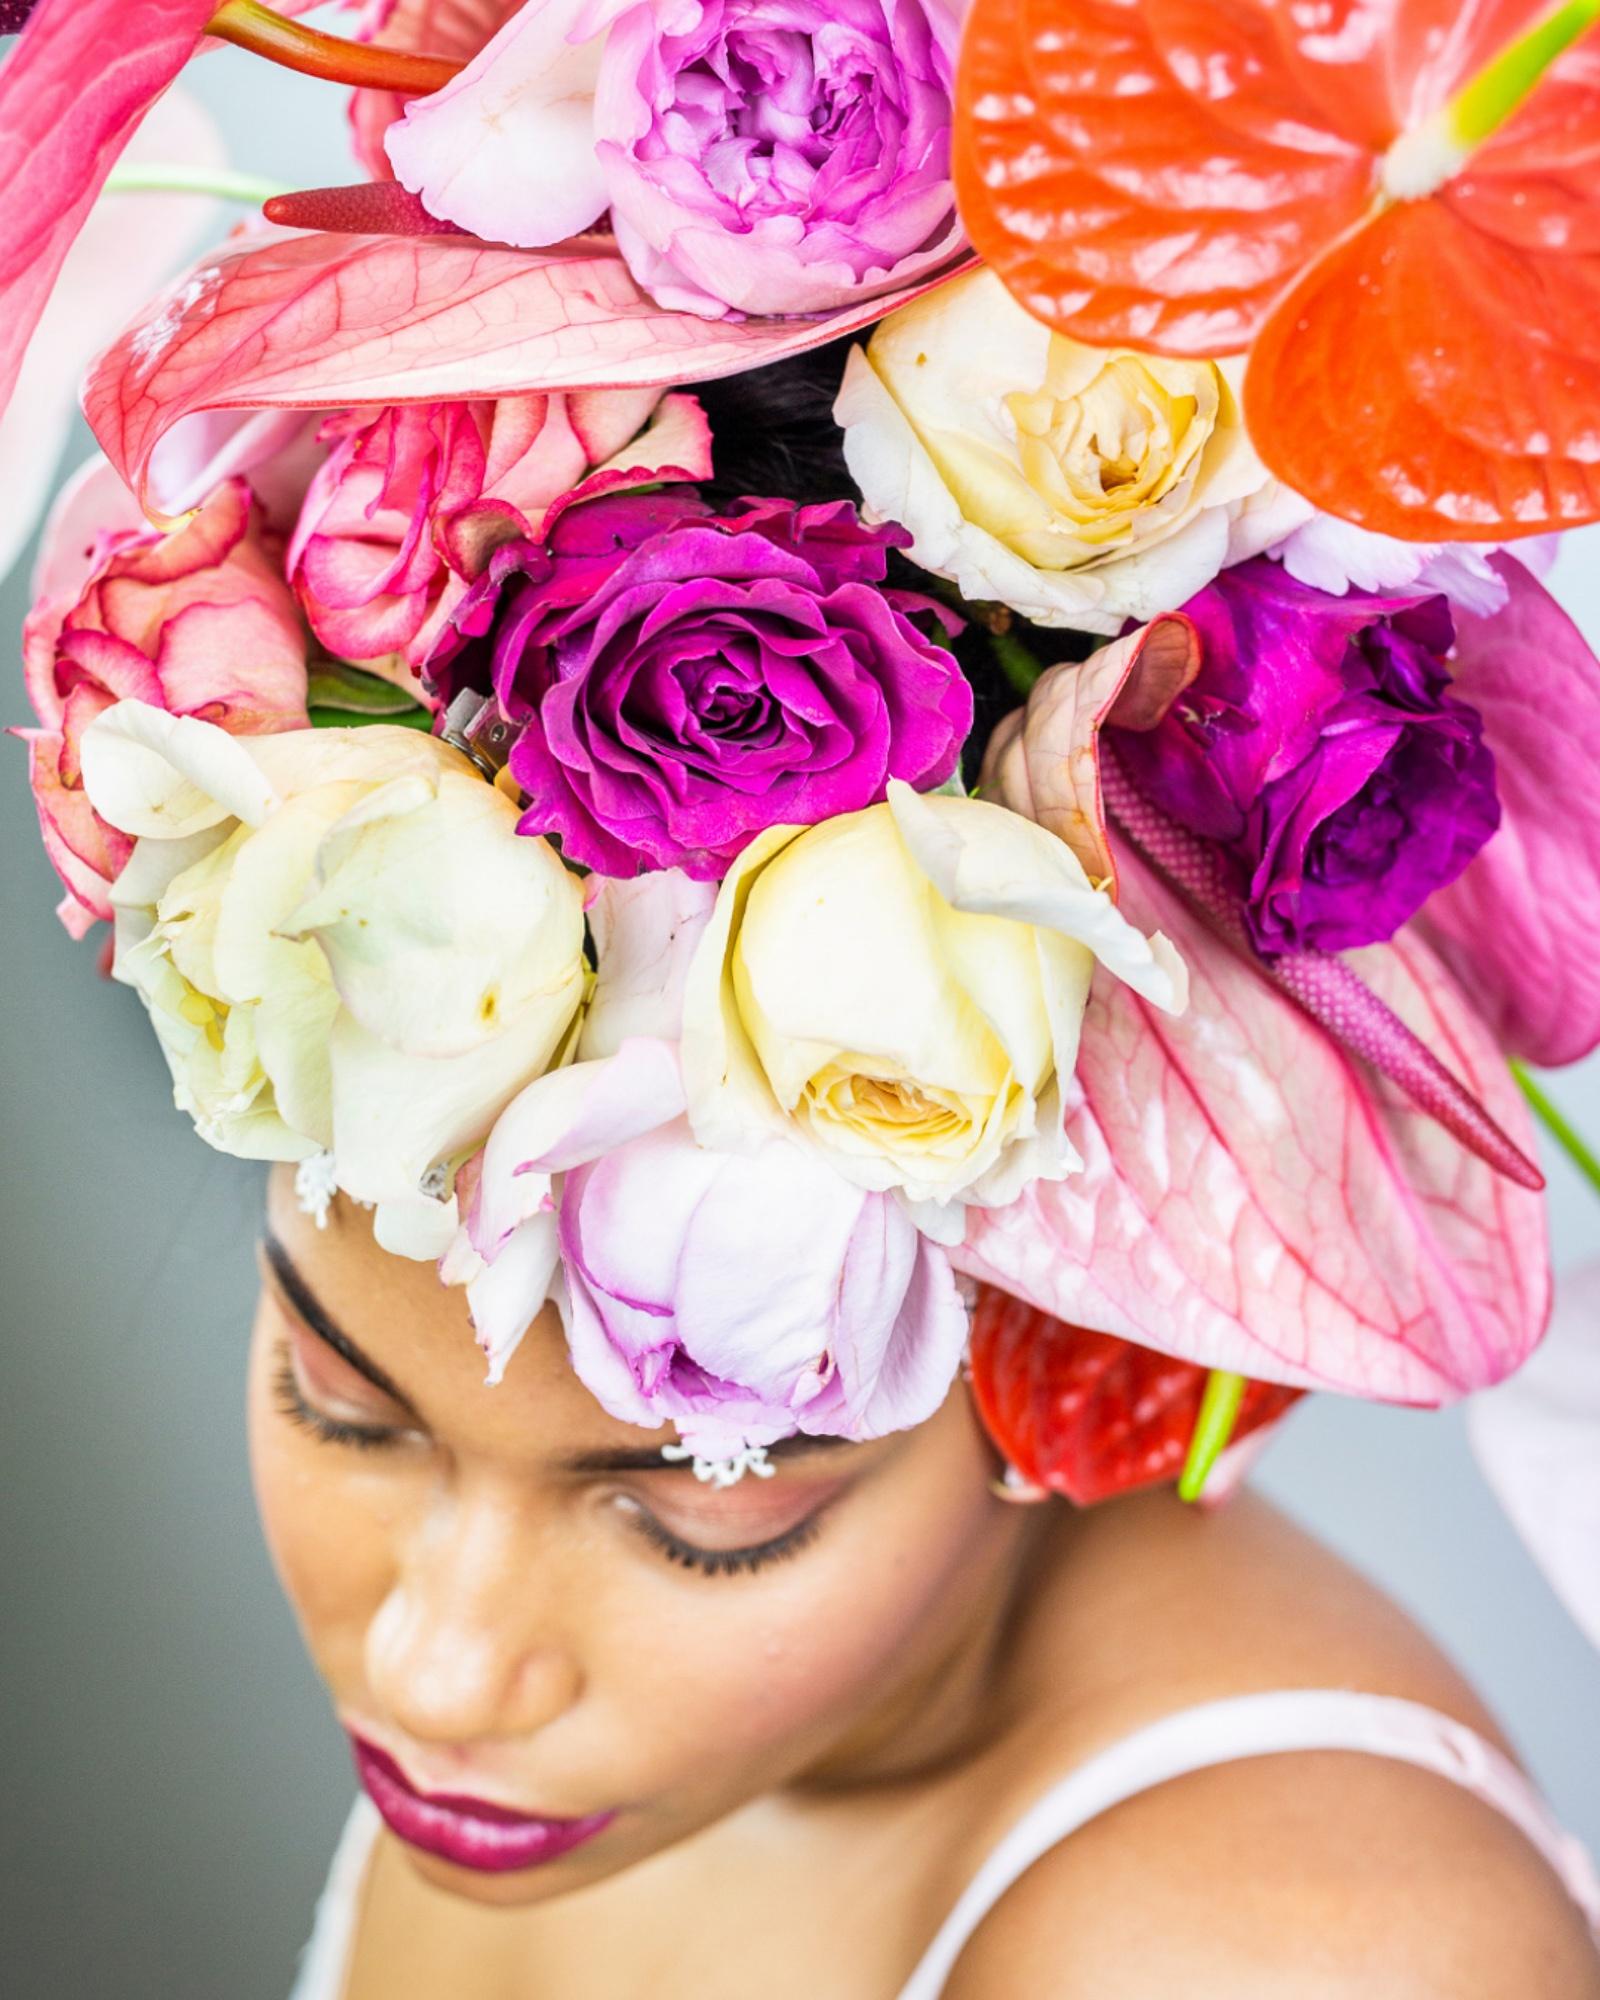 Les tendances en décoration florale de mariage pour 2020